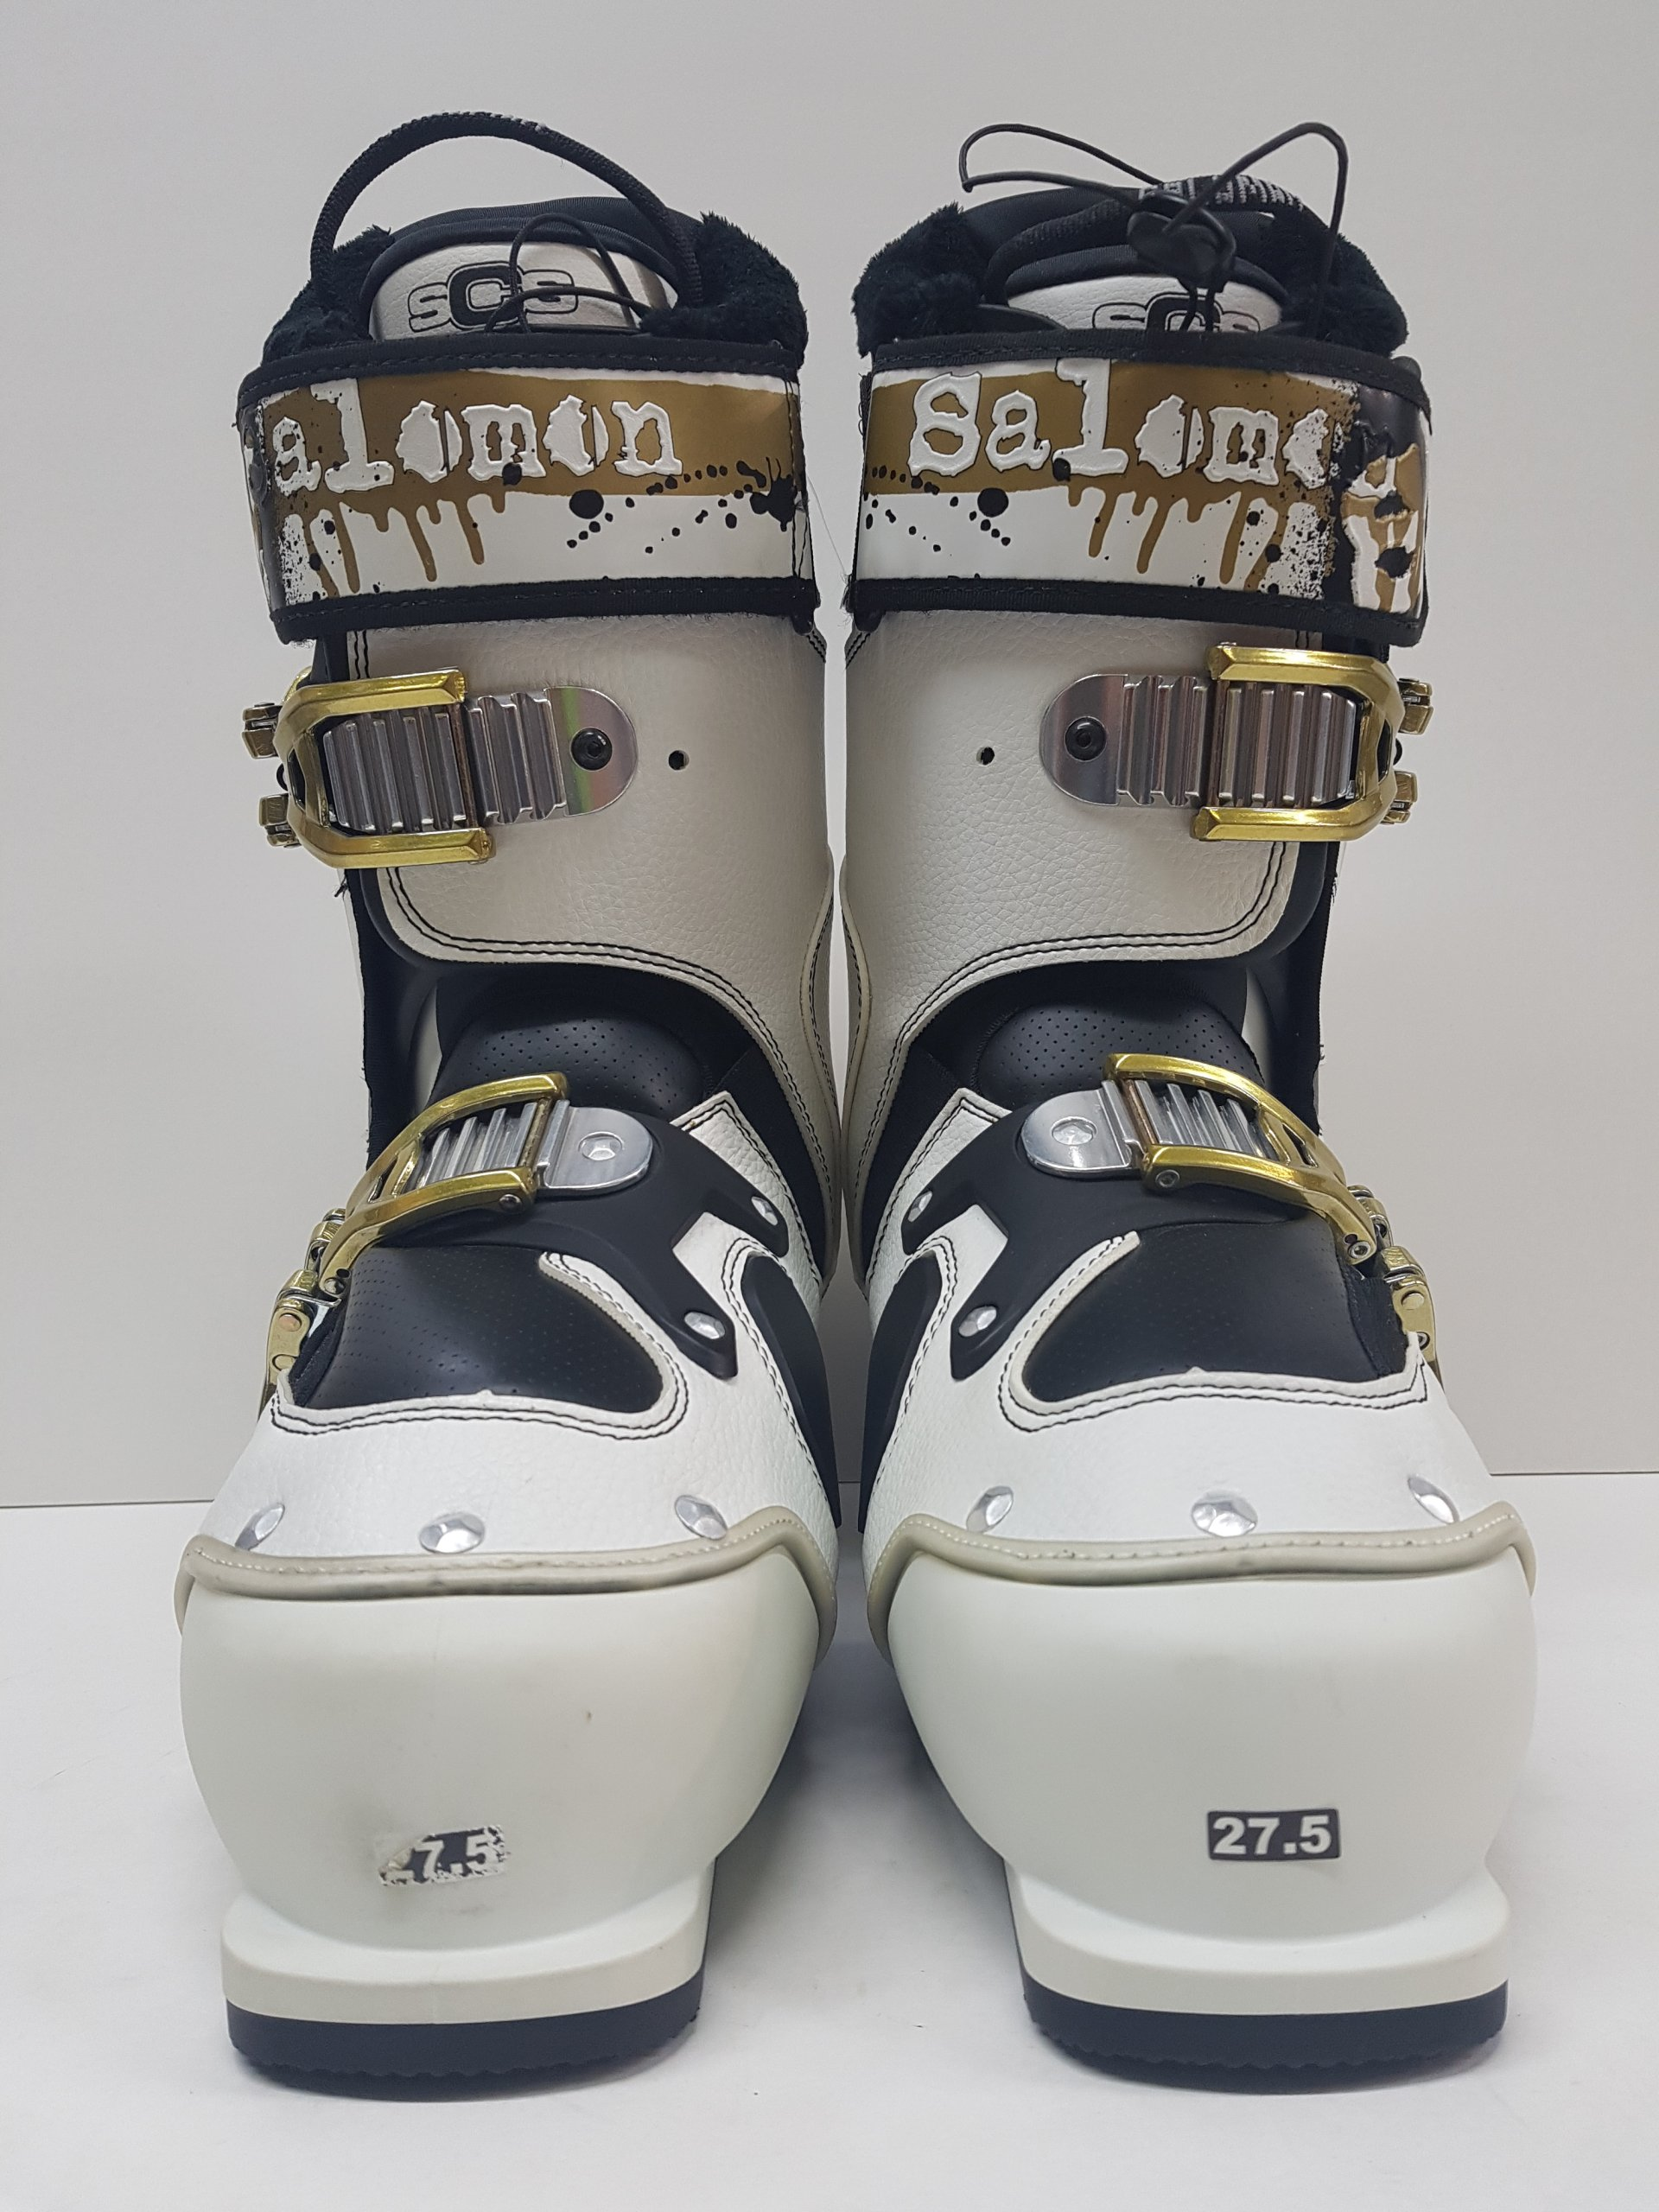 -50% Buty Narciarskie Salomon Pro Model 27,5 black